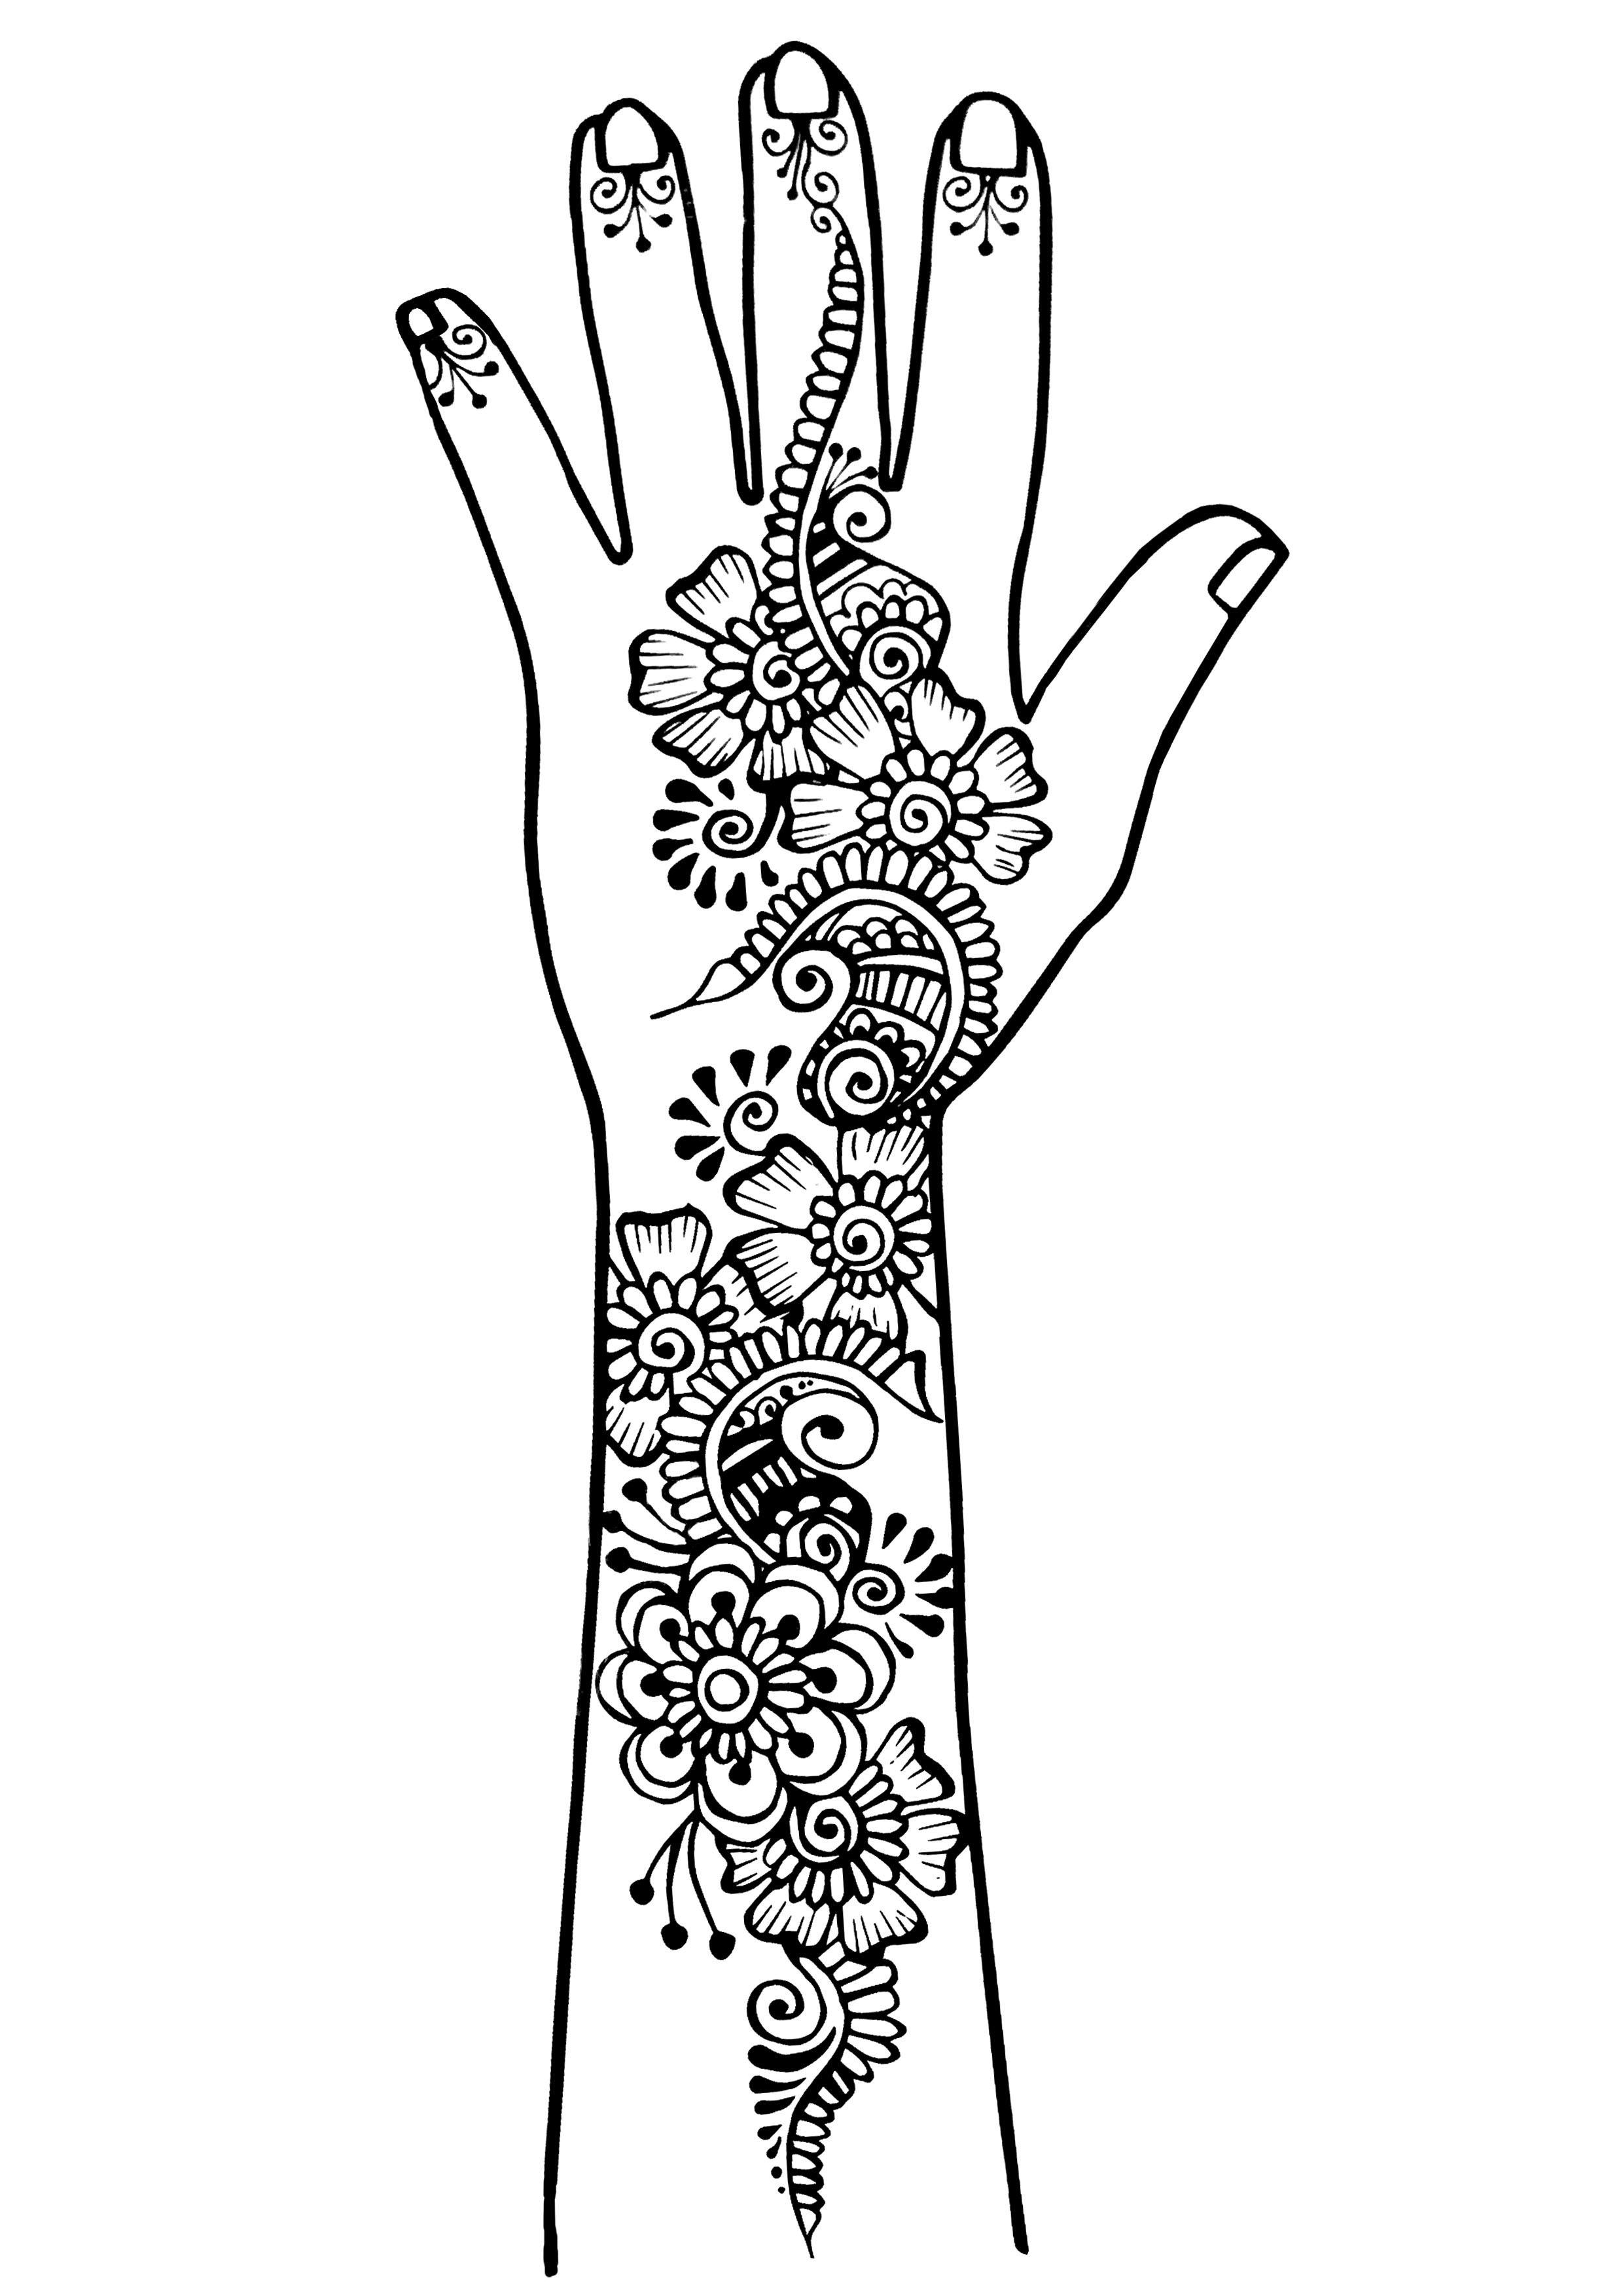 Tatouage de bras et main style oriental (traits fins)